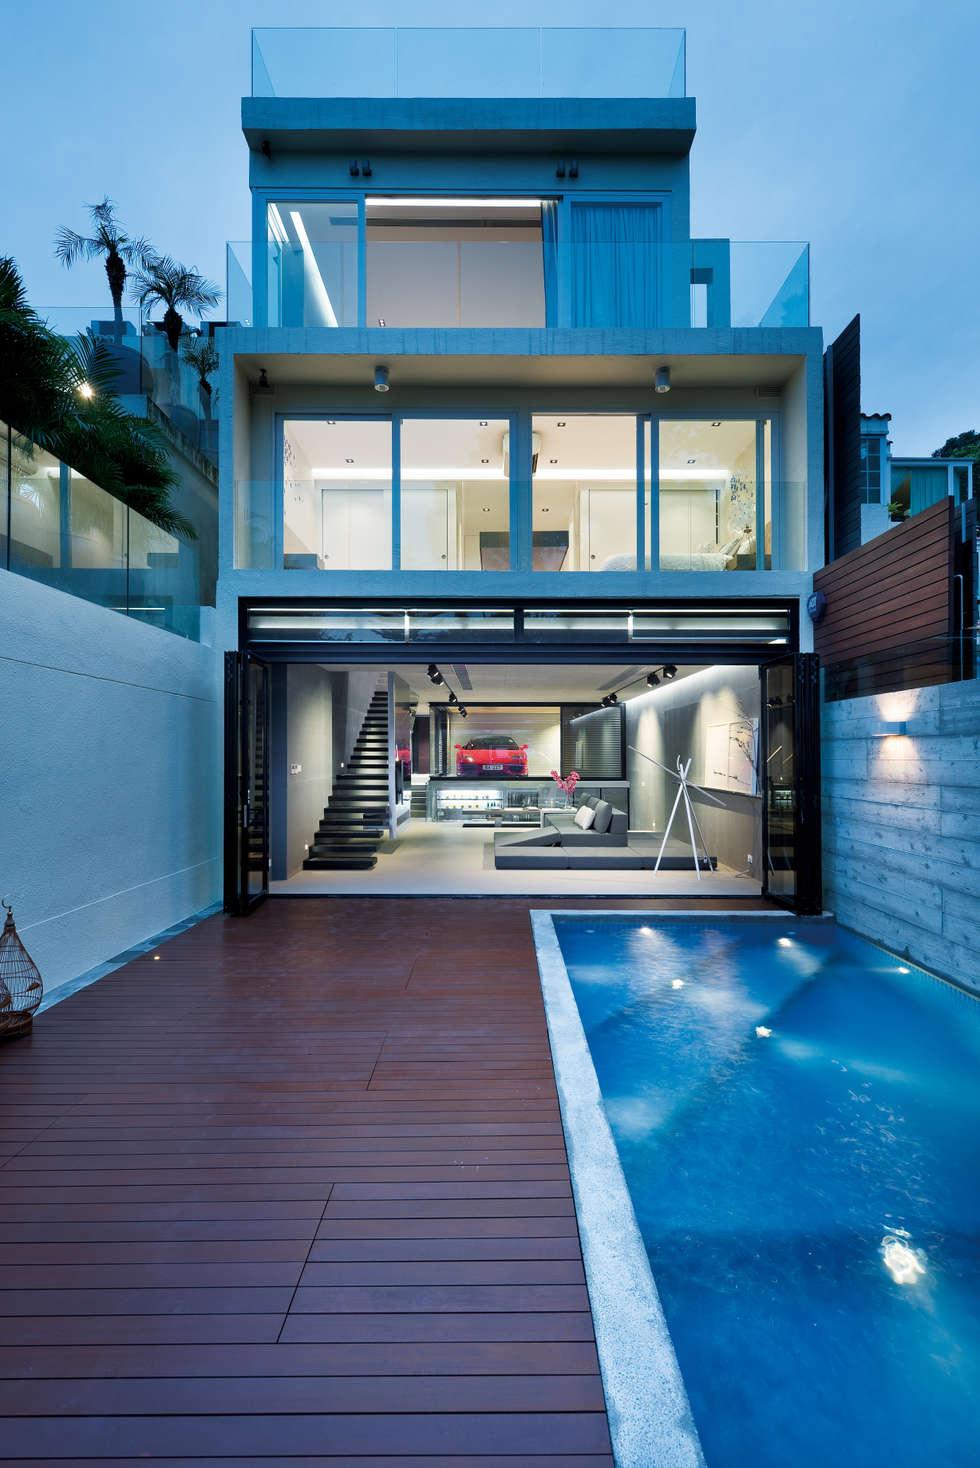 Attractive Moderne Häuser Interieur Ornament - Wohndesign Bilder ...